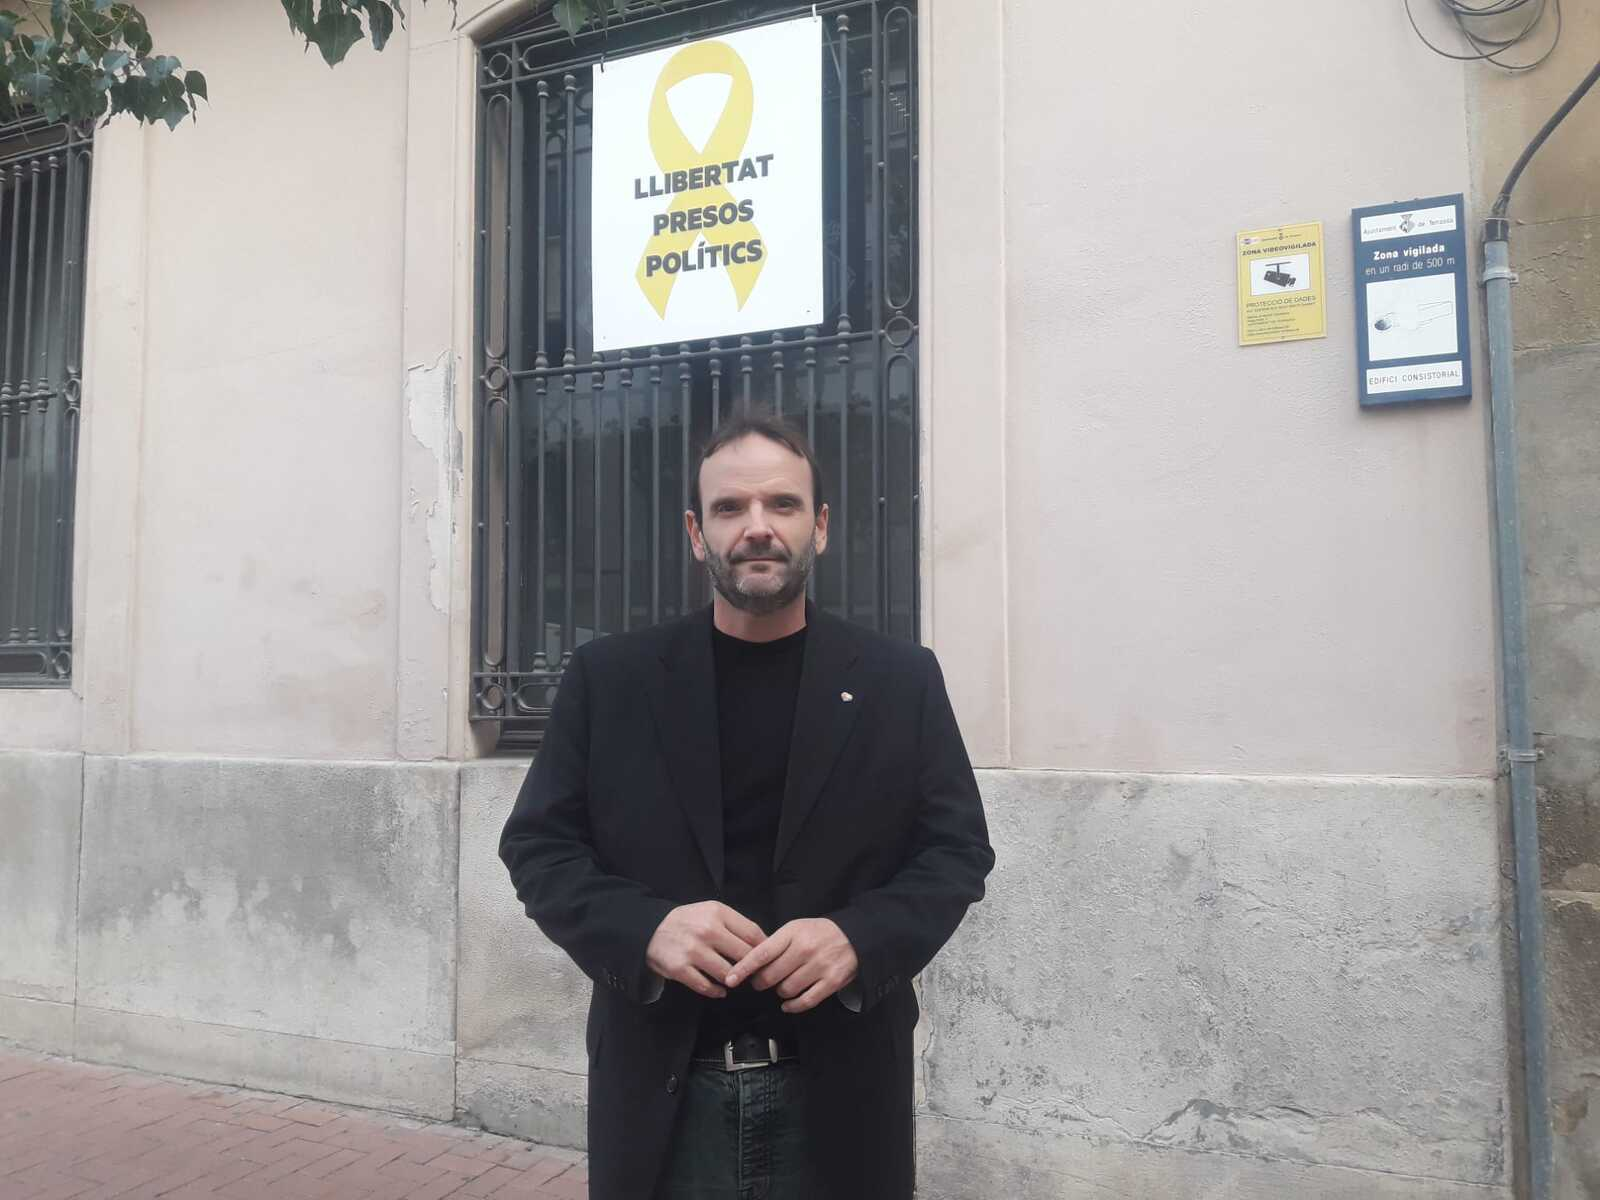 Javi González davant de la pancarta d'Erc a la façana de l'Ajuntament